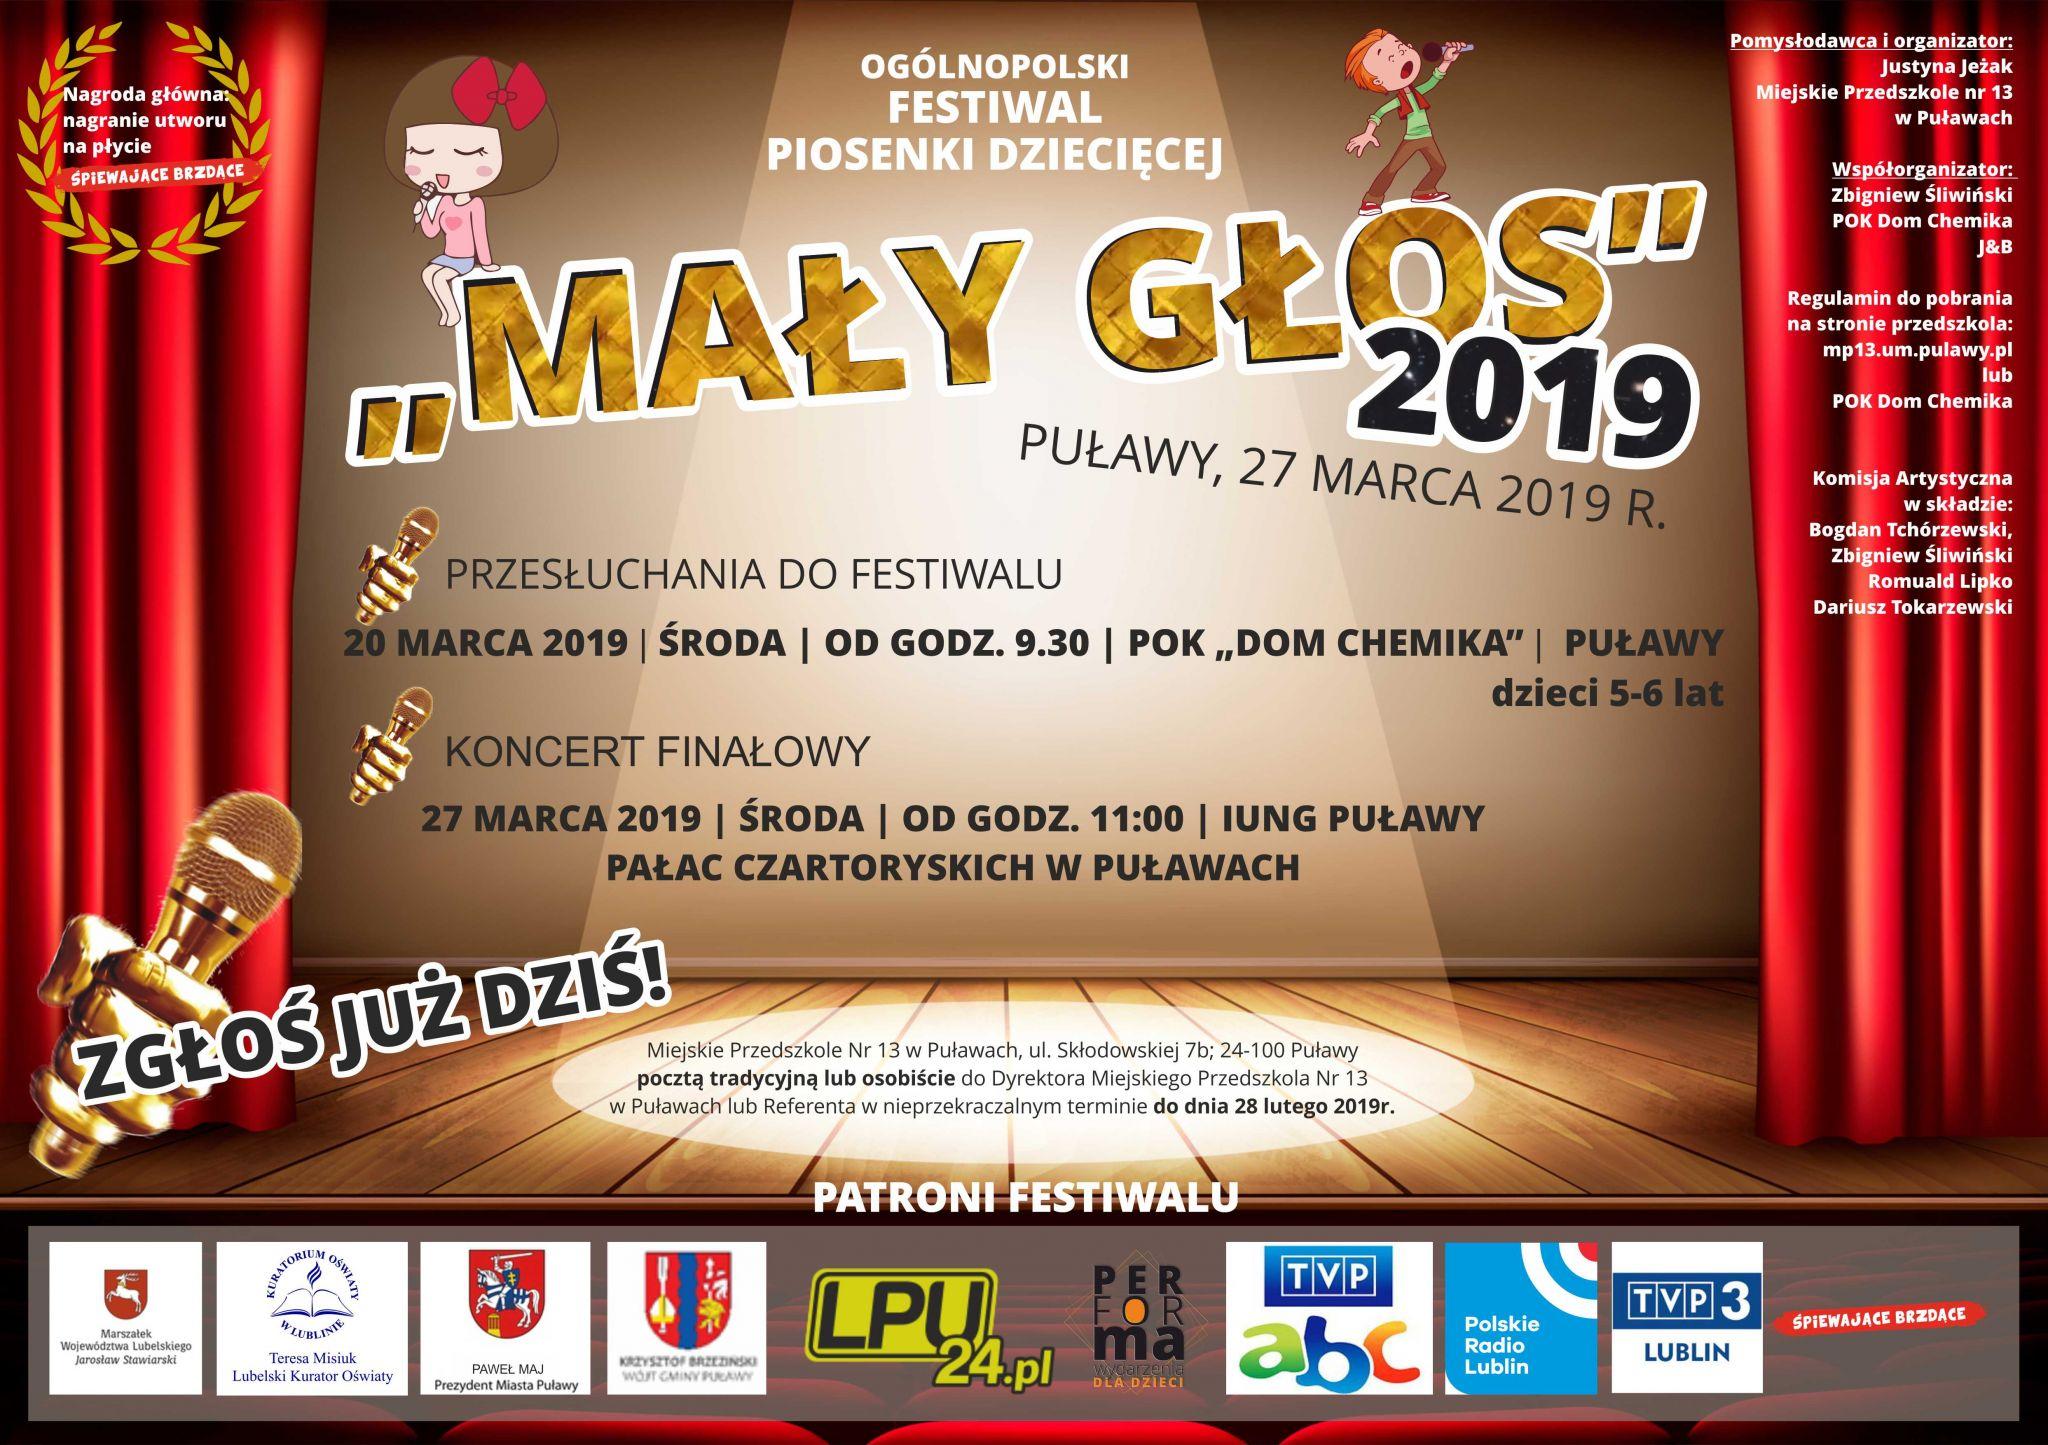 festival piosenki maly glos Festiwal Piosenki Dziecięcej